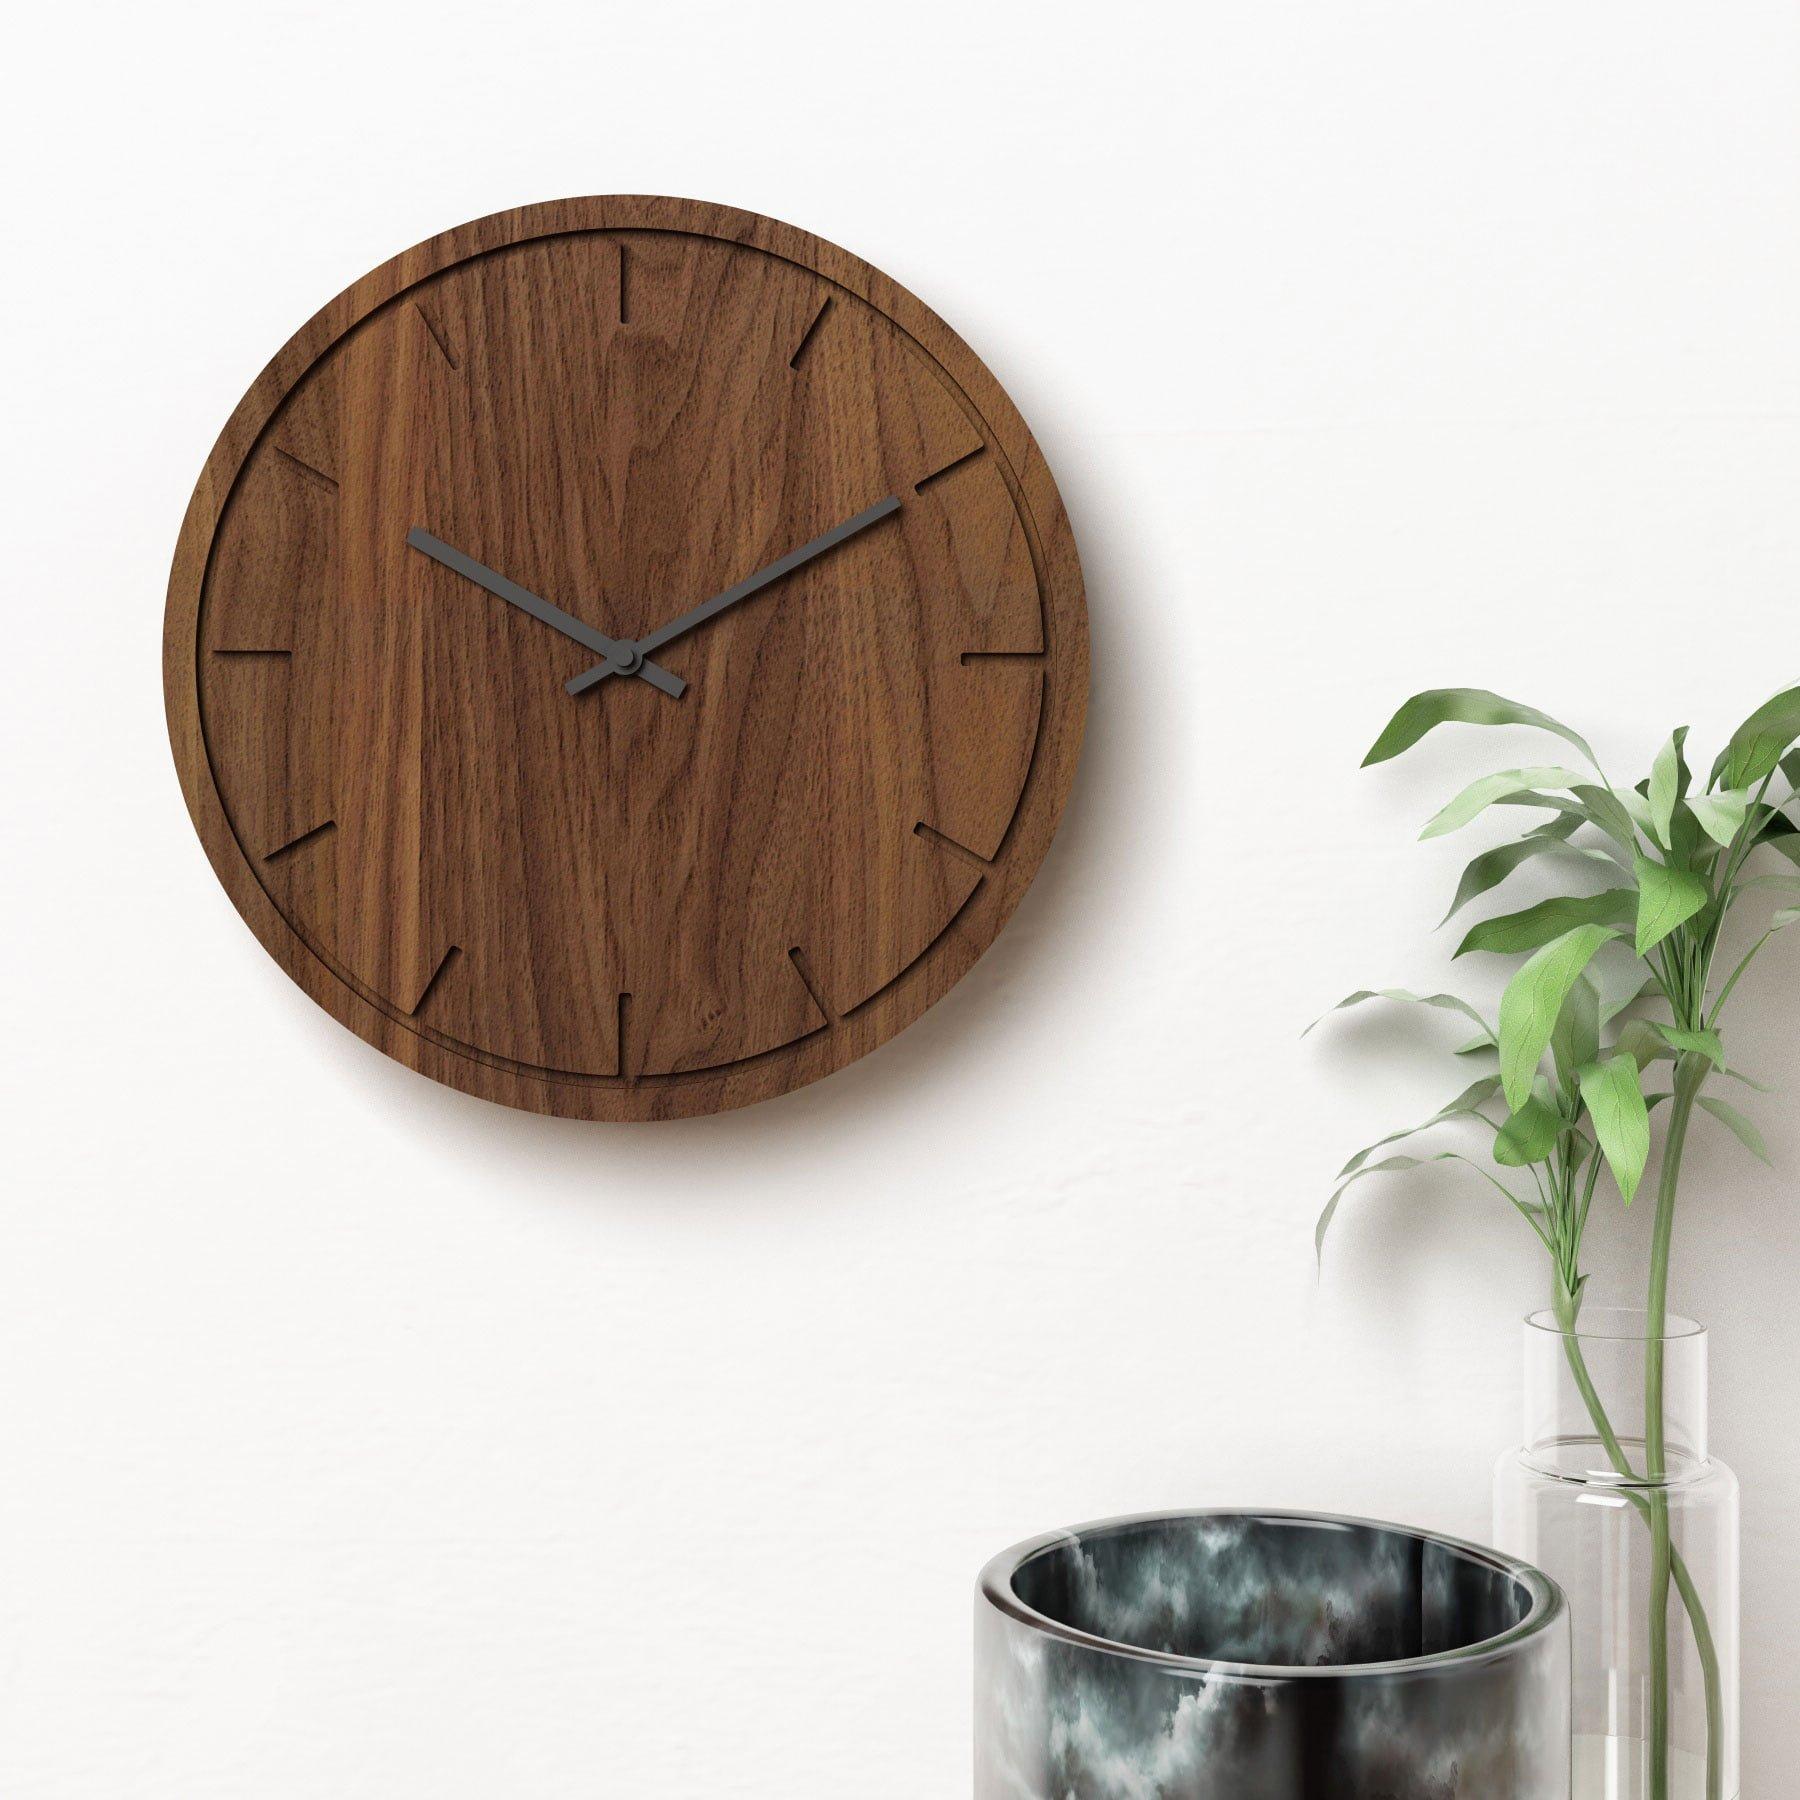 Image of   Vægur i valnød med sorte visere - Circle clock